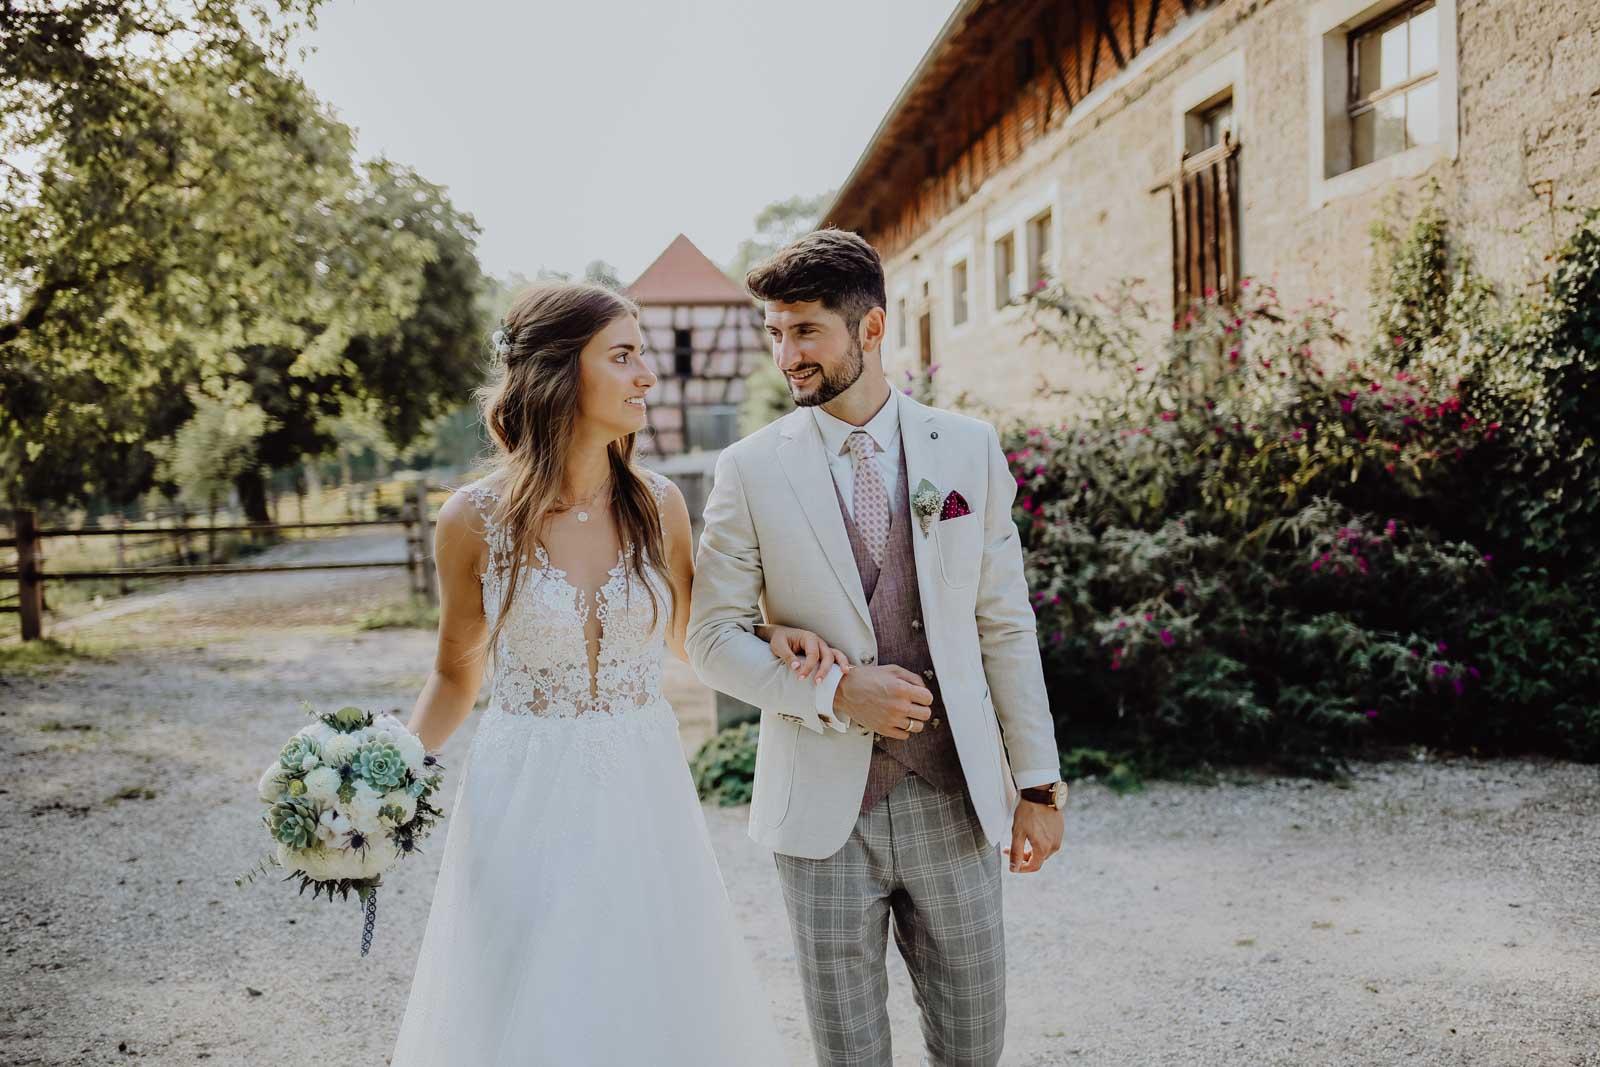 Brautpaar läuft mit Brautstrauß vor einer Scheune